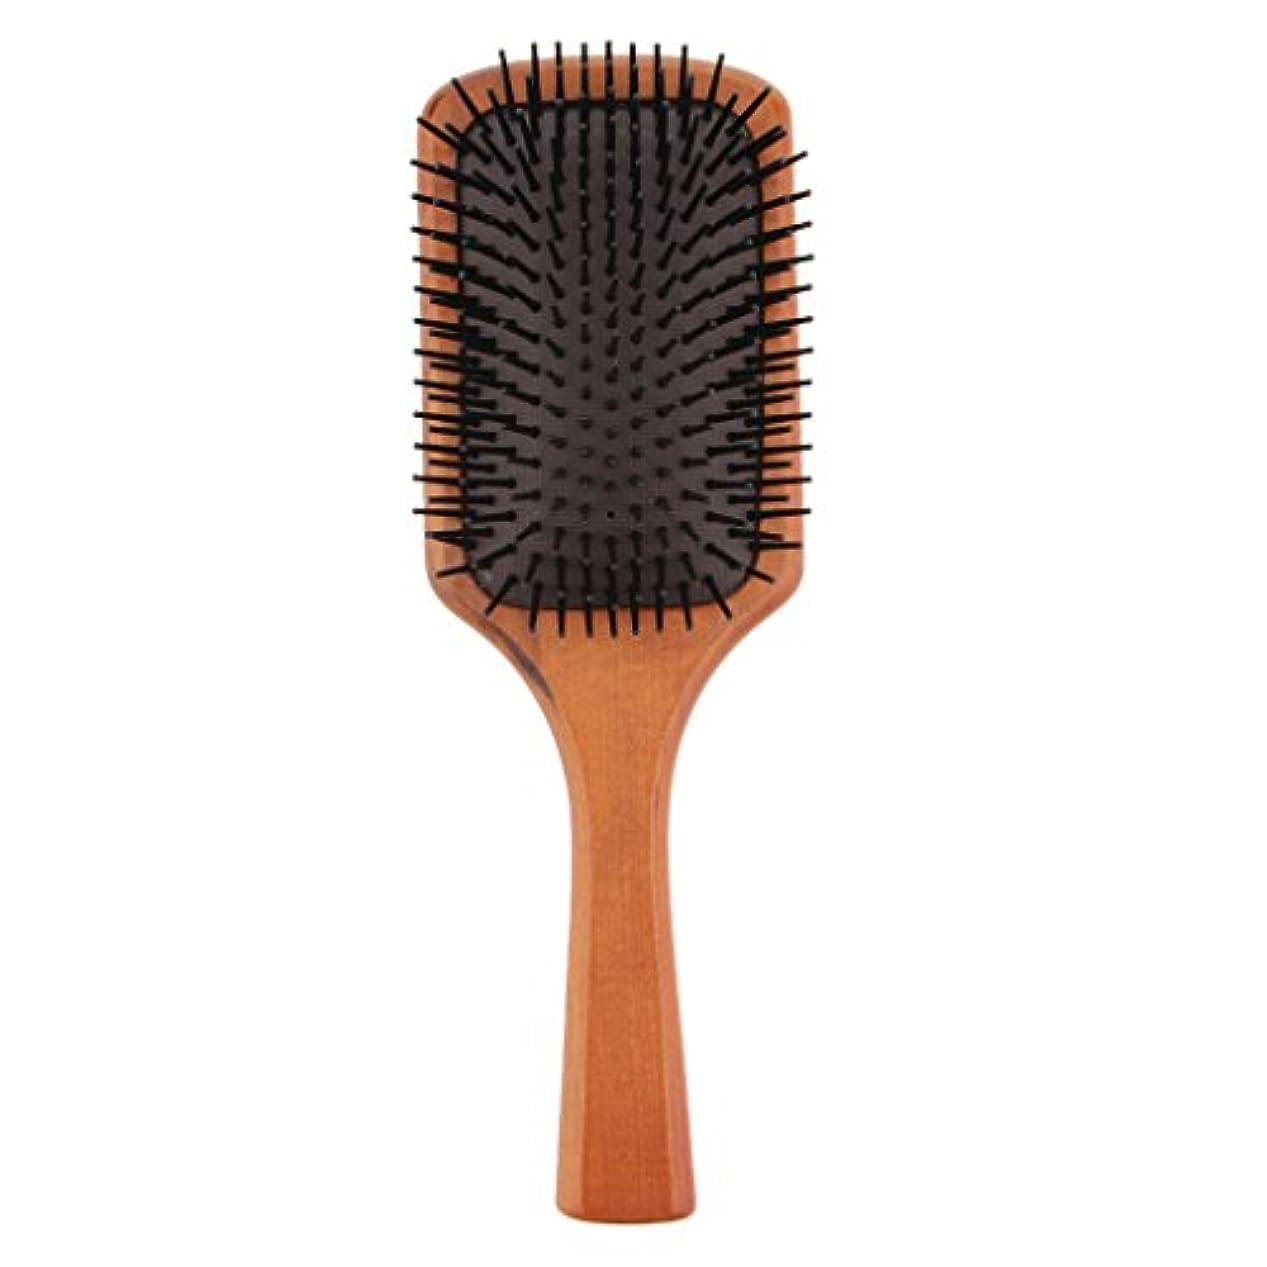 展望台破壊的売上高木製コーム ヘアブラシ 櫛 ヘアダイコーム ヘアコーム 健康 光沢 髪 維持